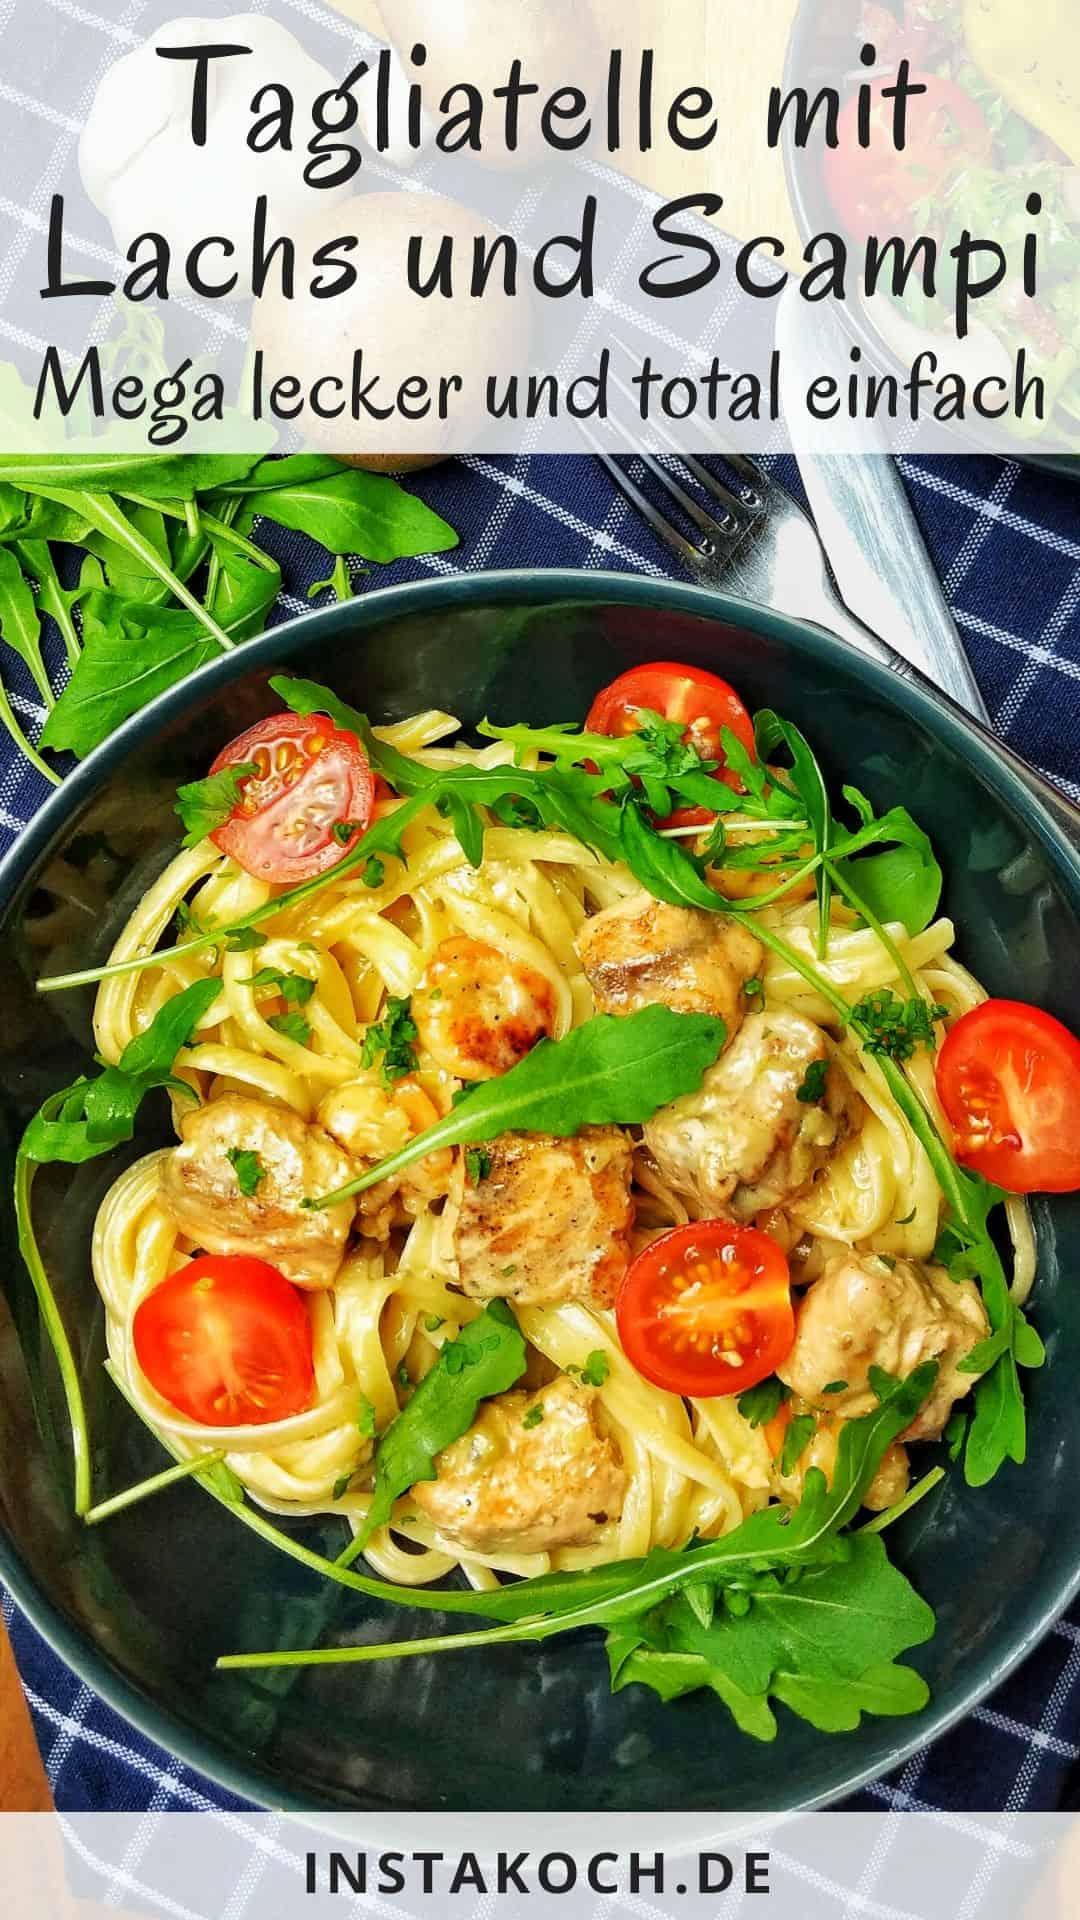 Ein dunkler Teller mit Tagliatelle mit Lachs und Scampi in Parmesan-Rahmsoße